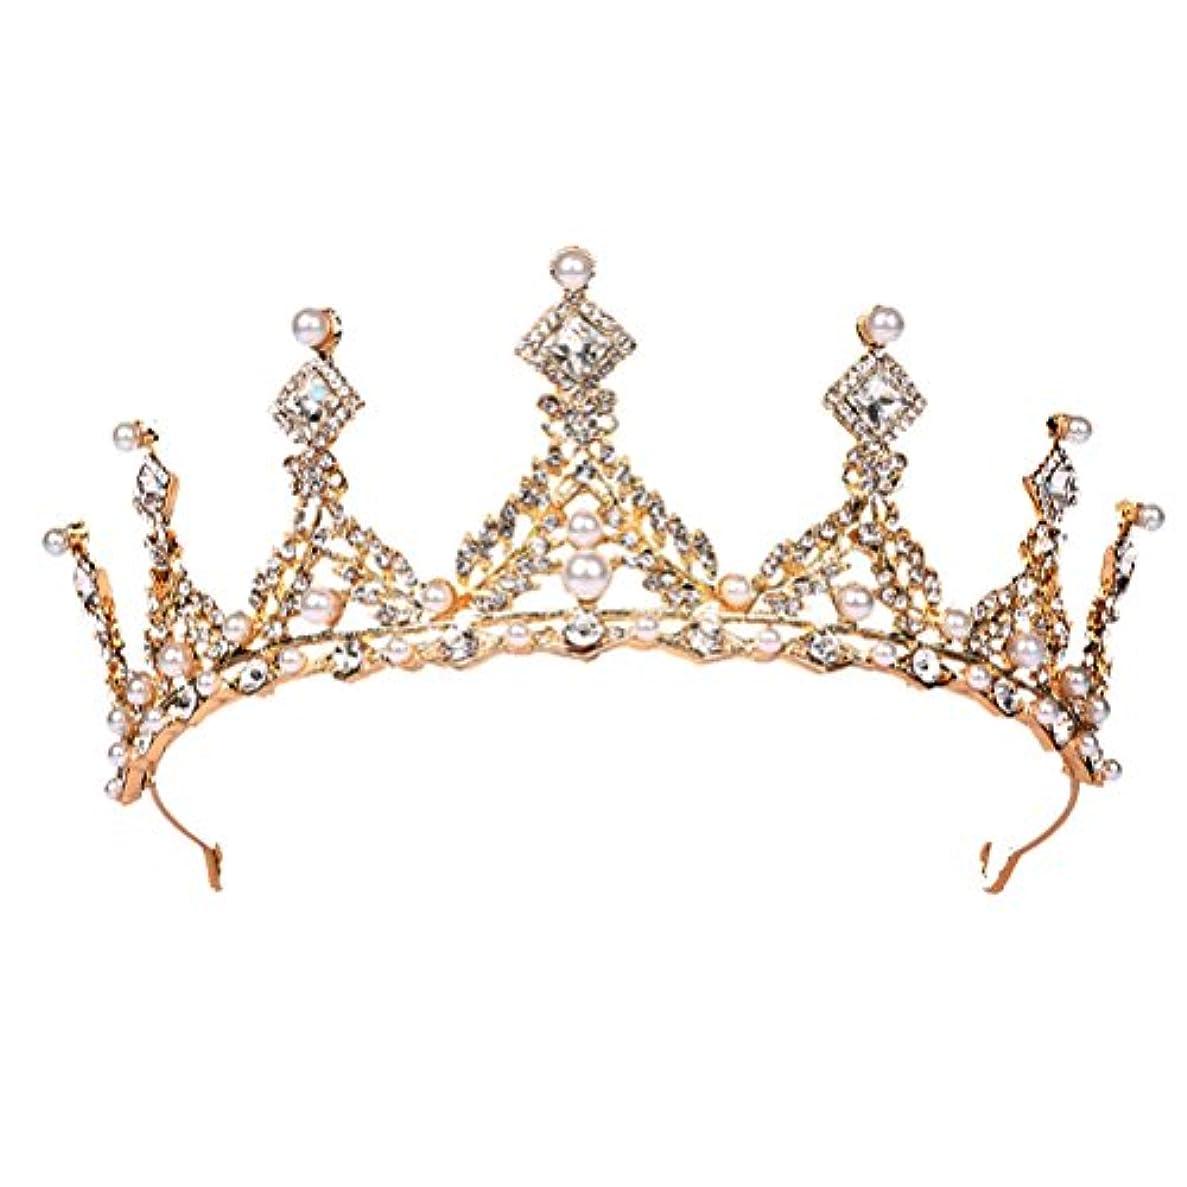 レンド時々ブレーキFENICAL ブライダル ティアラ ヘアバンド 花嫁 結婚式 ウェディング 王冠 クラウン クリスタル 髪飾り ヘアアクセサリー(ゴールデン)